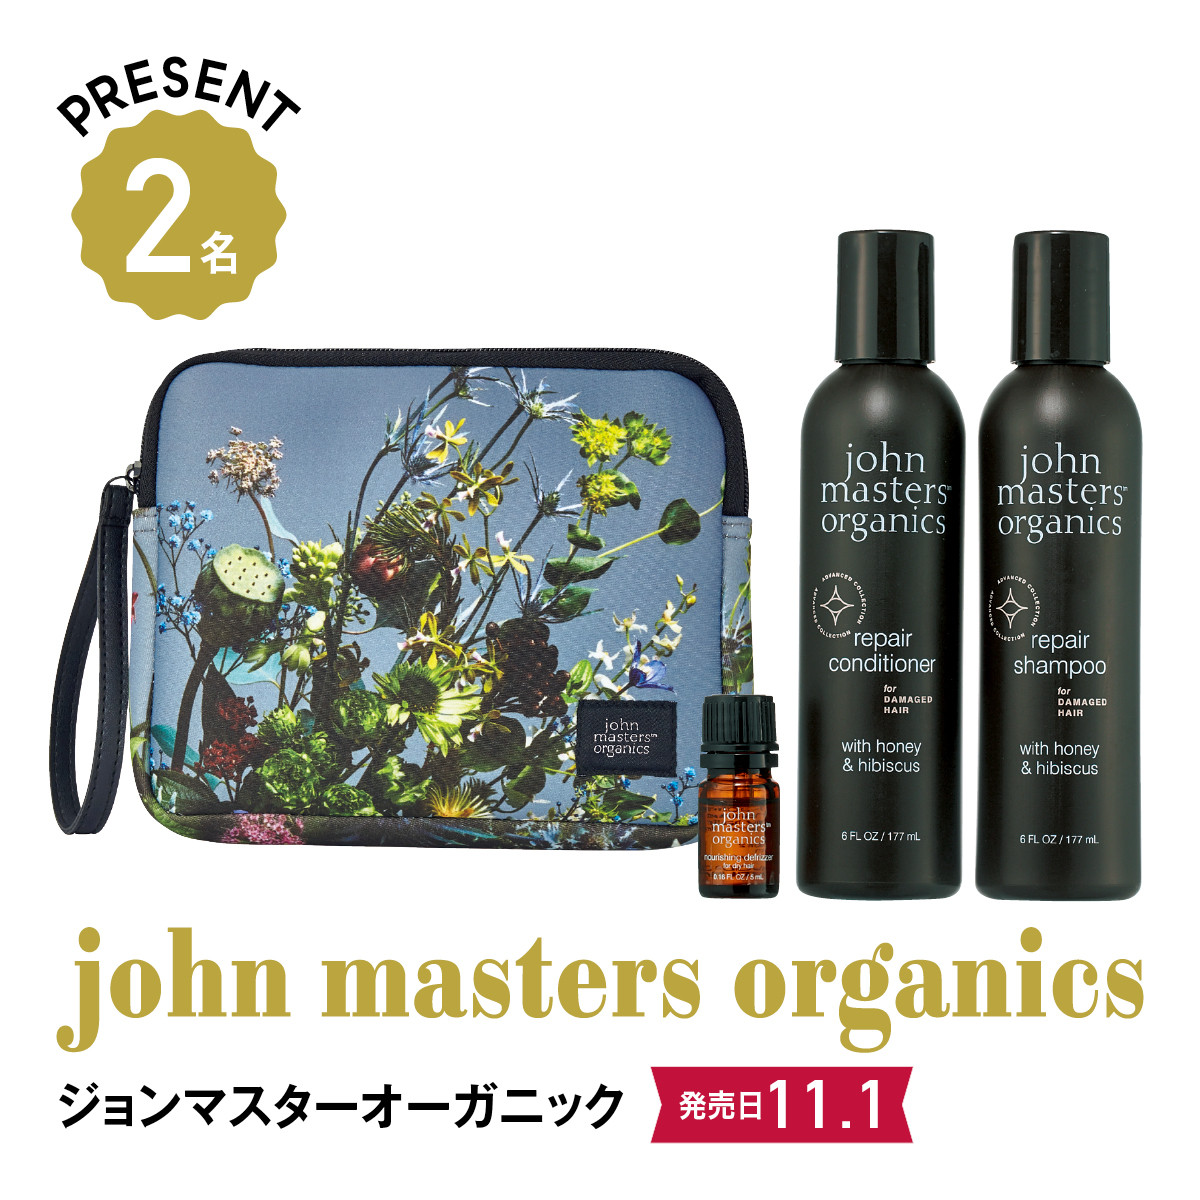 2019クリスマスコフレ&限定品: john masters organics/ジョンマスターオーガニック